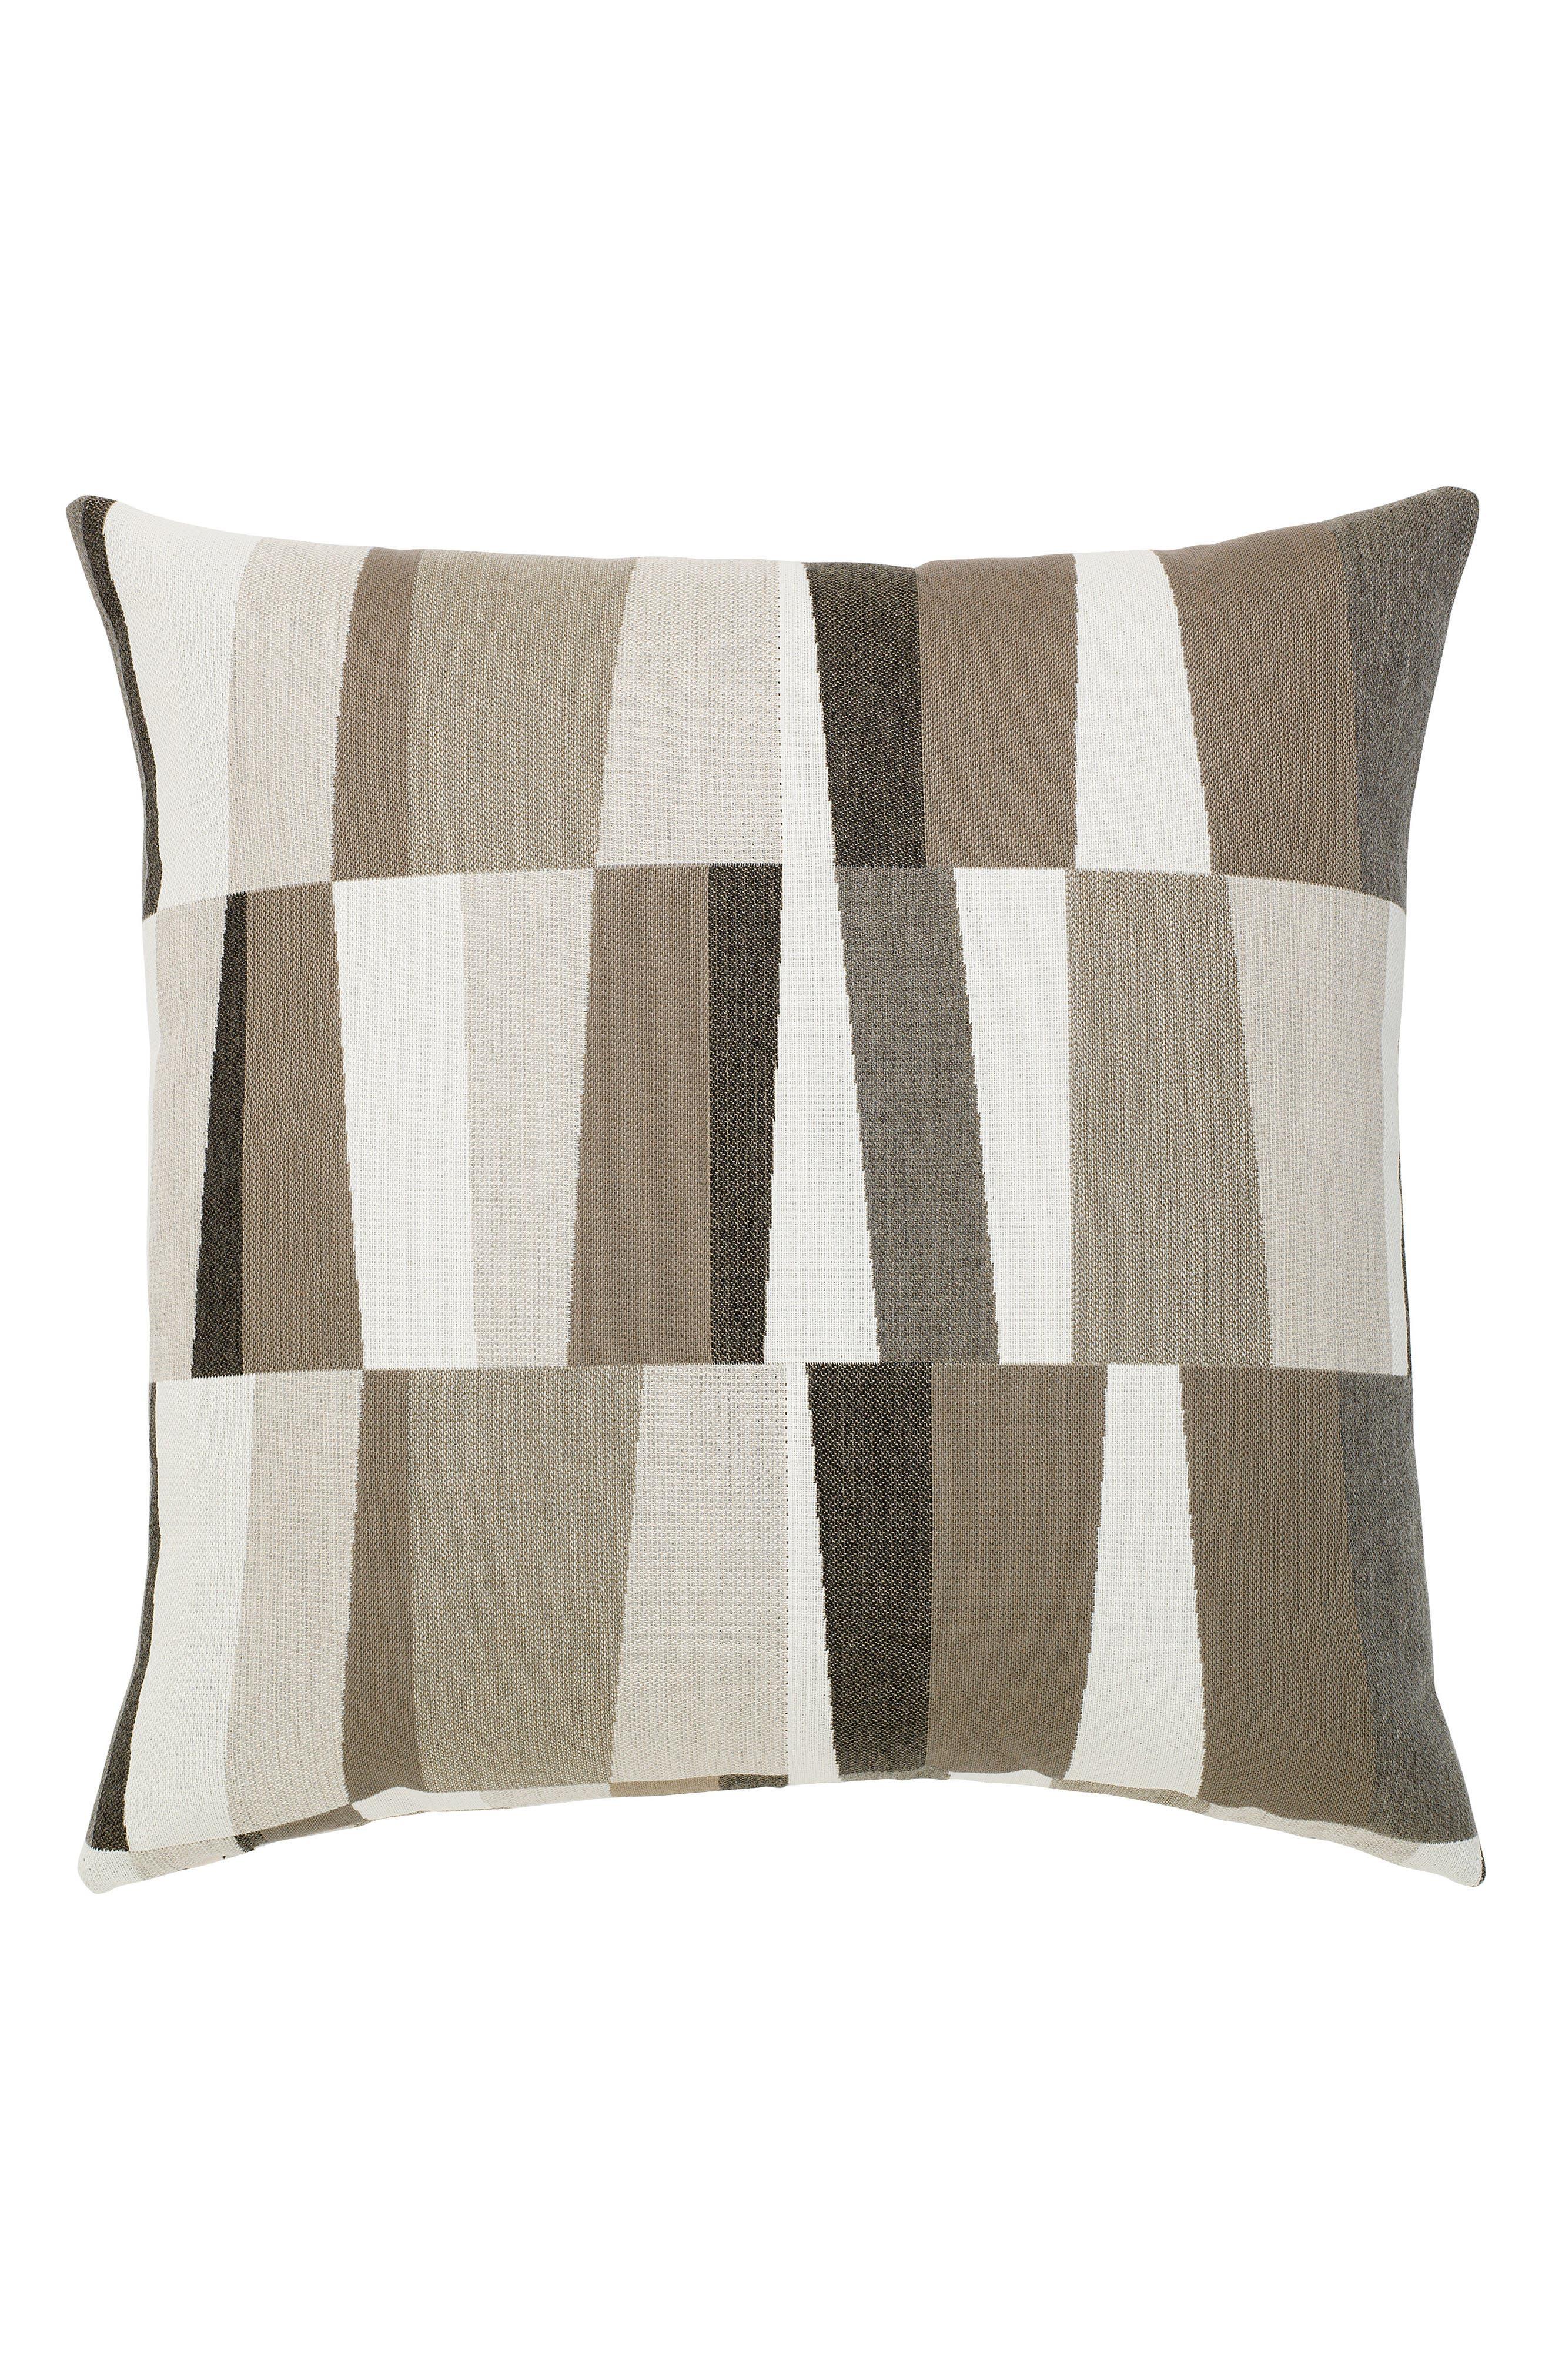 Strata Grigio Indoor/Outdoor Accent Pillow,                         Main,                         color, GREY/ BROWN